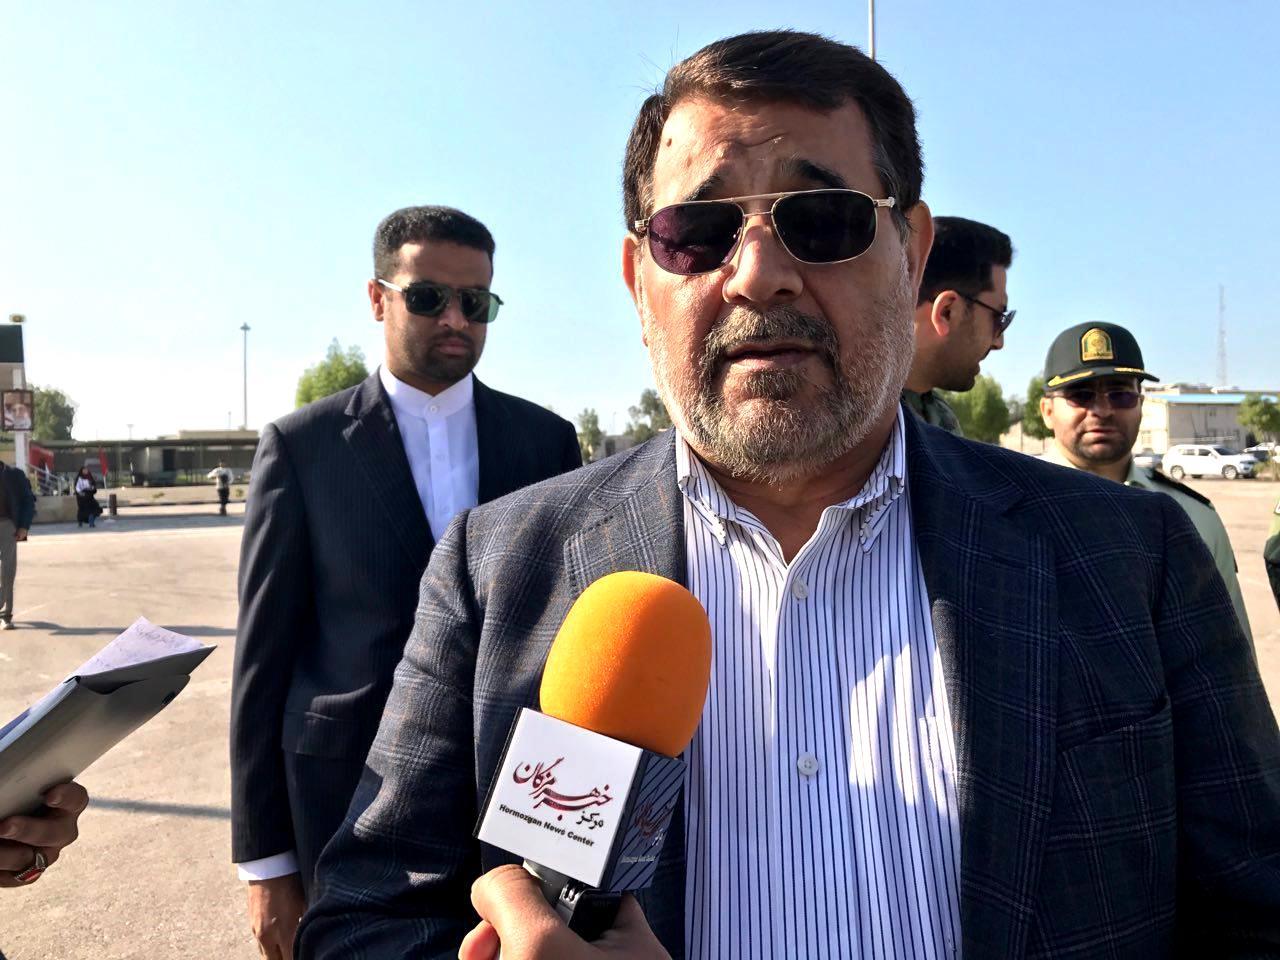 استاندار هرمزگان اعلام کرد: پیگیری حقوقی اظهارات مرادی/ سه نماینده دیگر با استاندار هستند